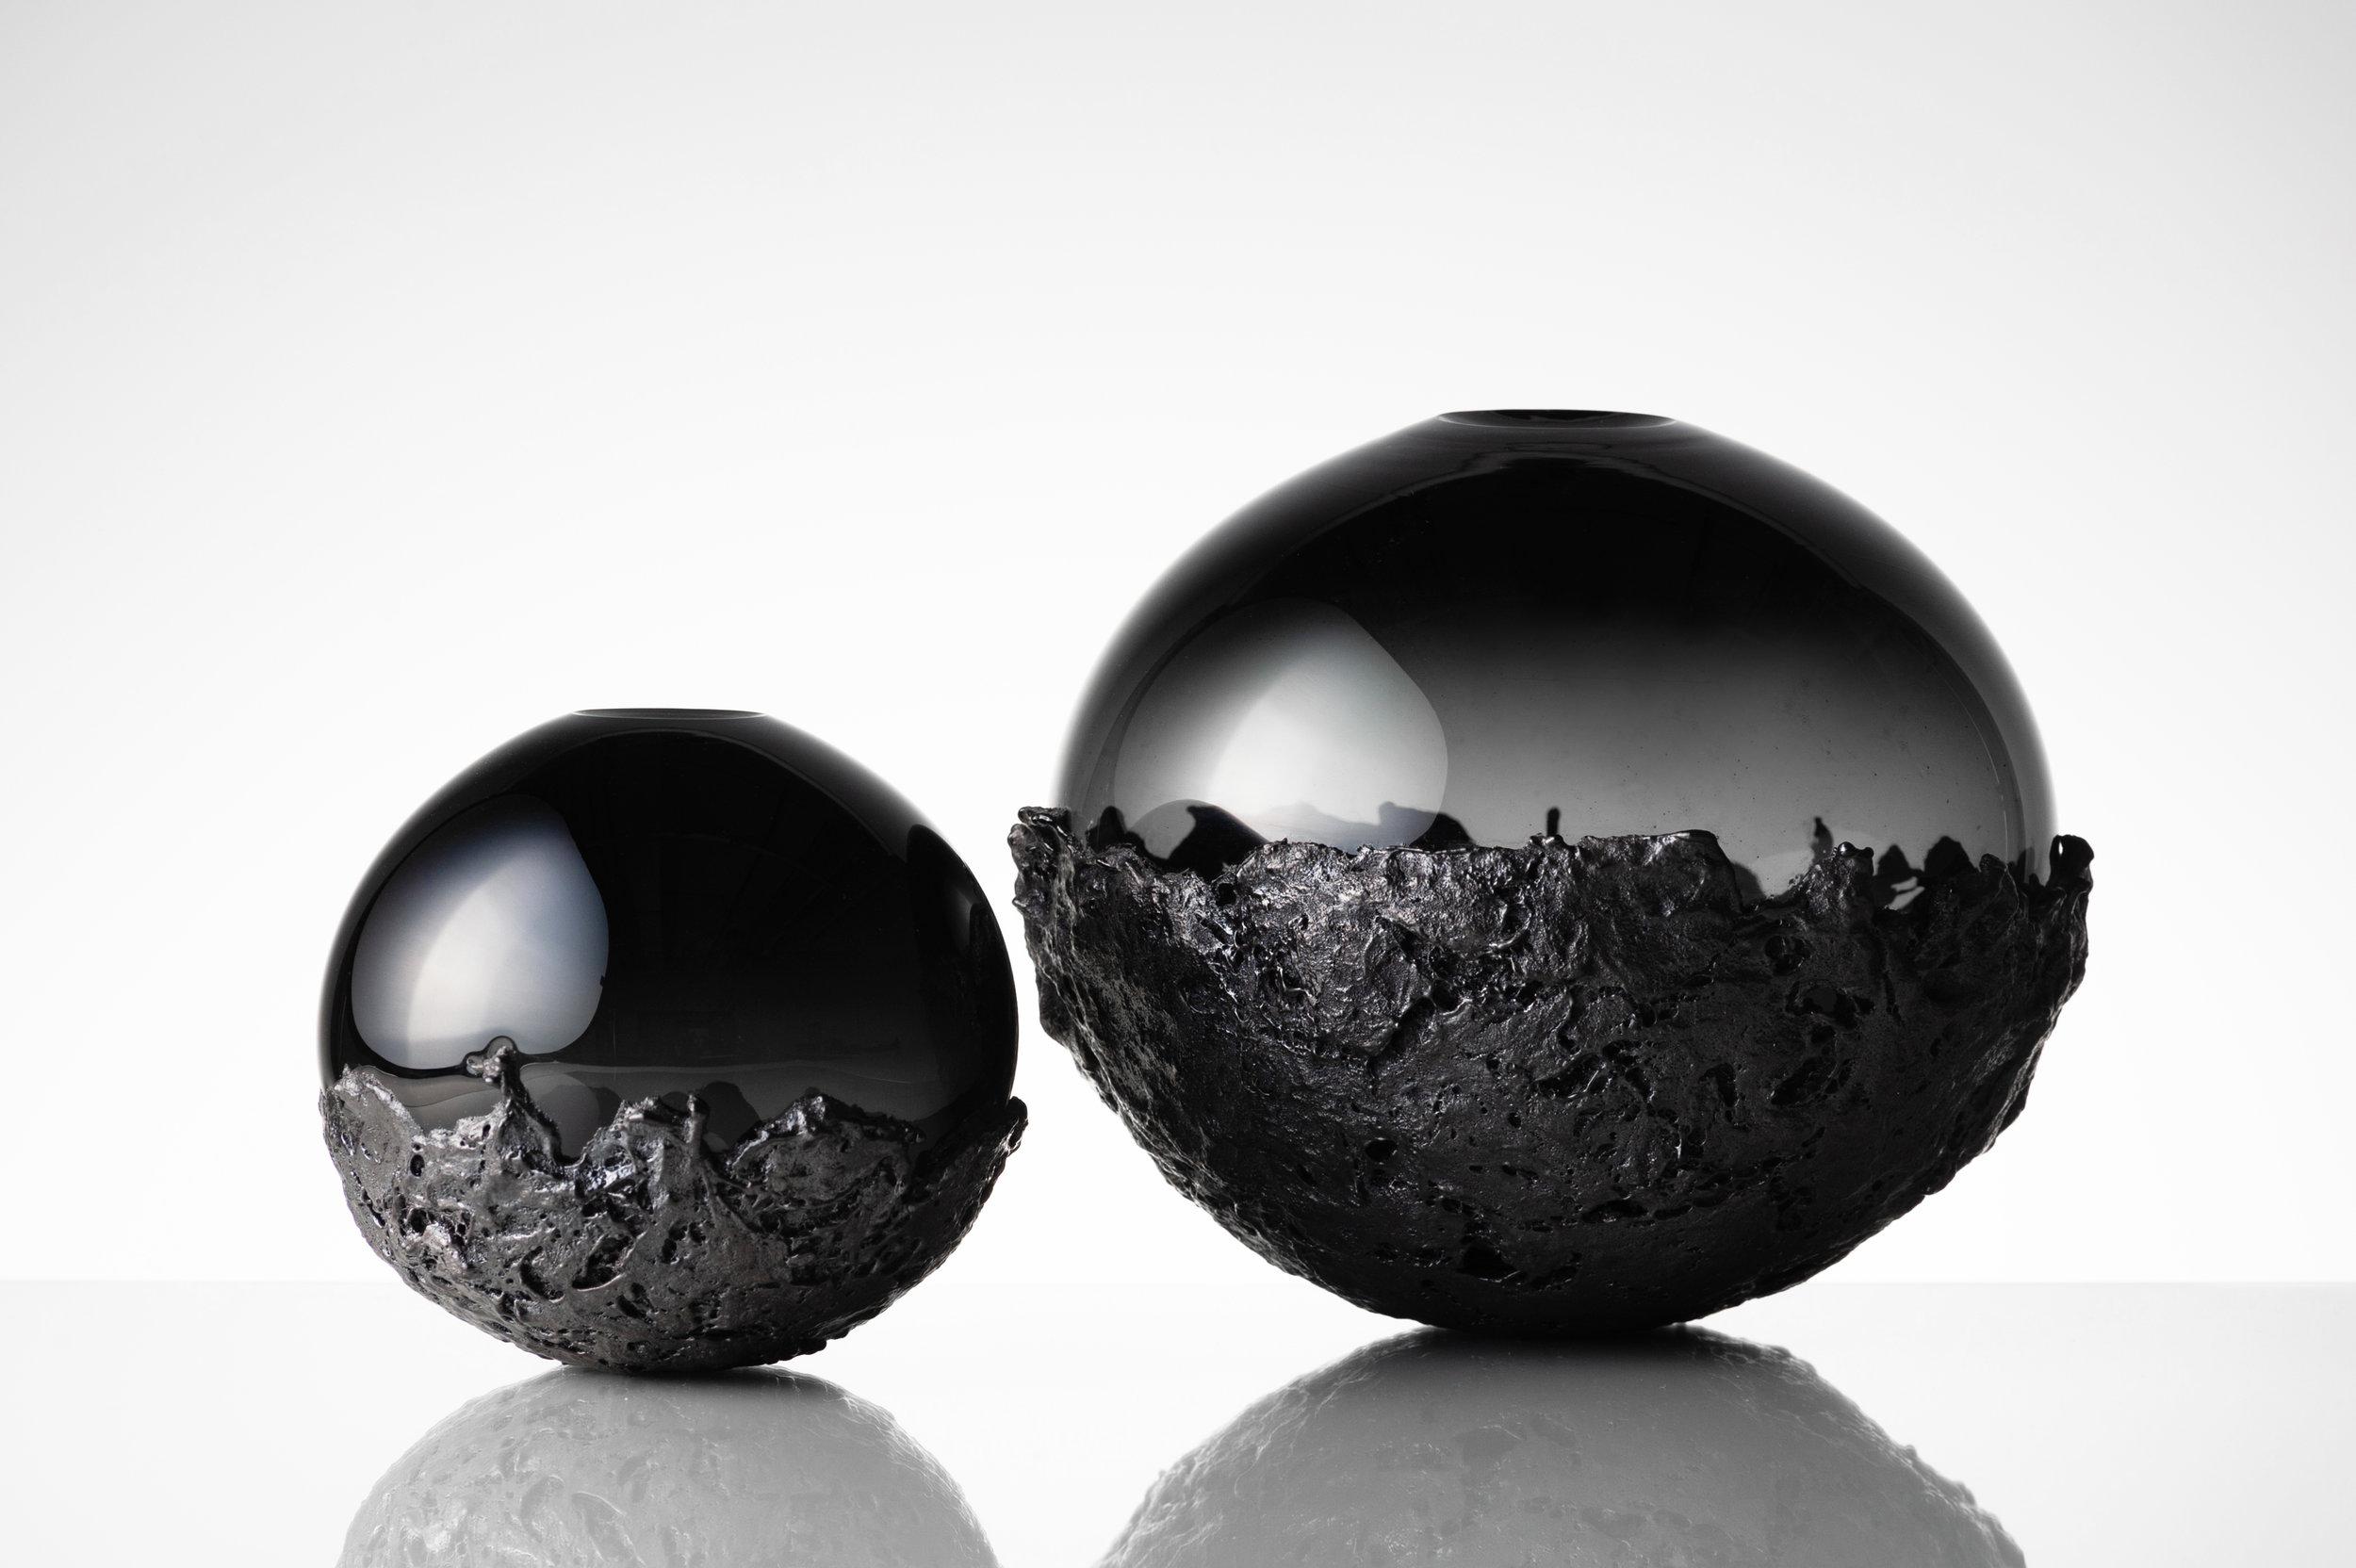 Harris_Jaclyn_Black Spheres.jpg